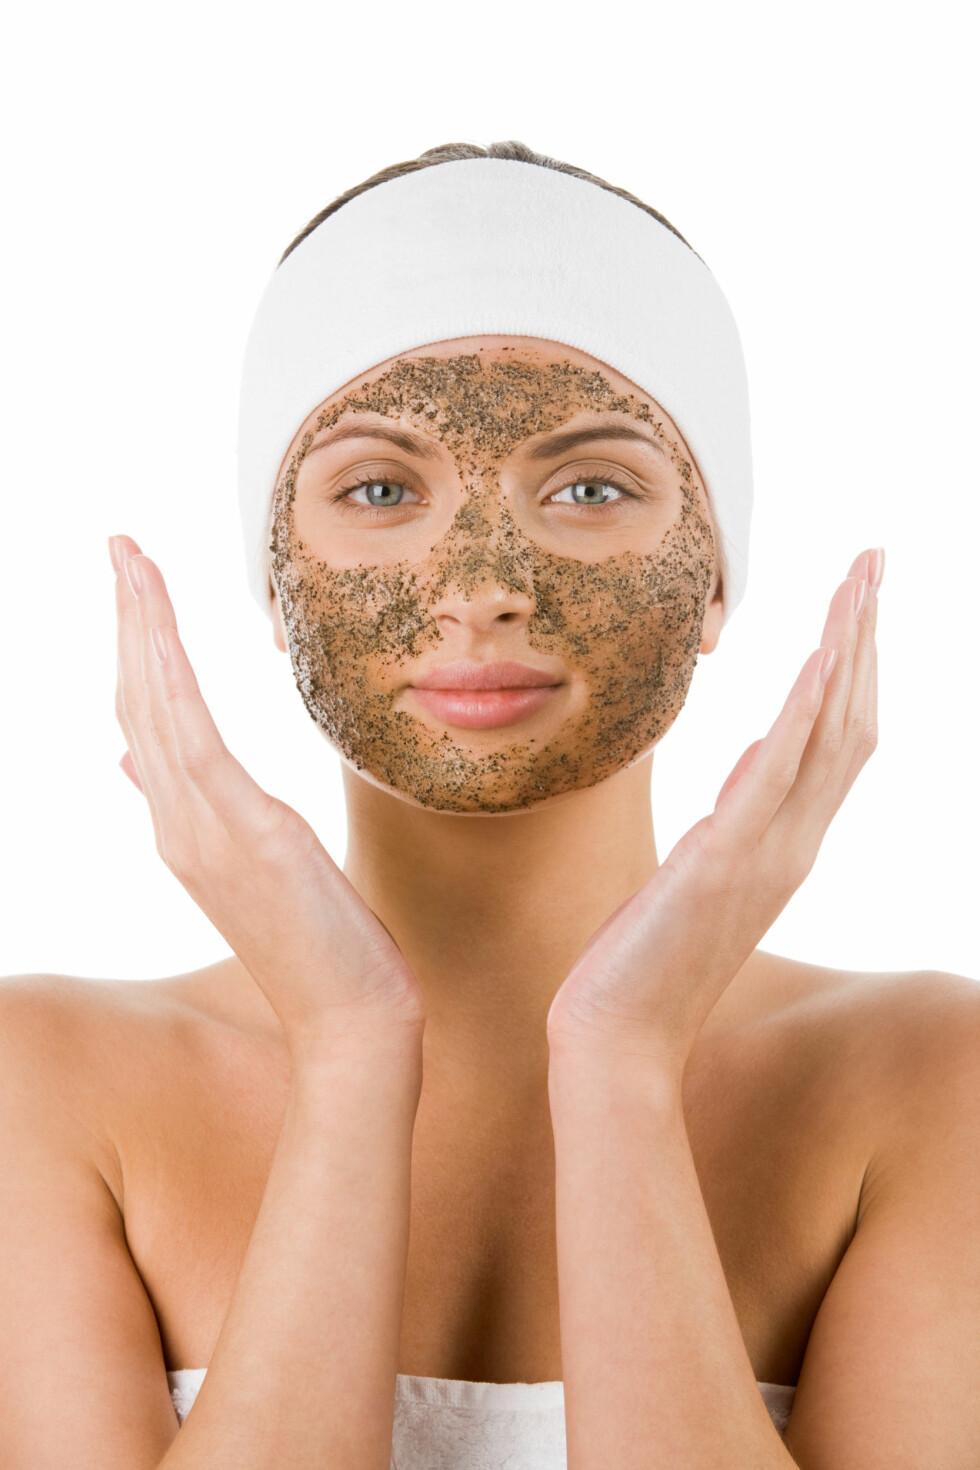 VELG RIKTIG TYPE: Du bør kjenne din egen hudtype og vite hva slags resultat du ser etter før du velger type peeling. Mekanisk, kjemisk eller enzympeeling har alle sine fordeler og ulemper, men den riktige kombinasjonen kan gi deg vakrere hud. Foto: pressmaster - Fotolia